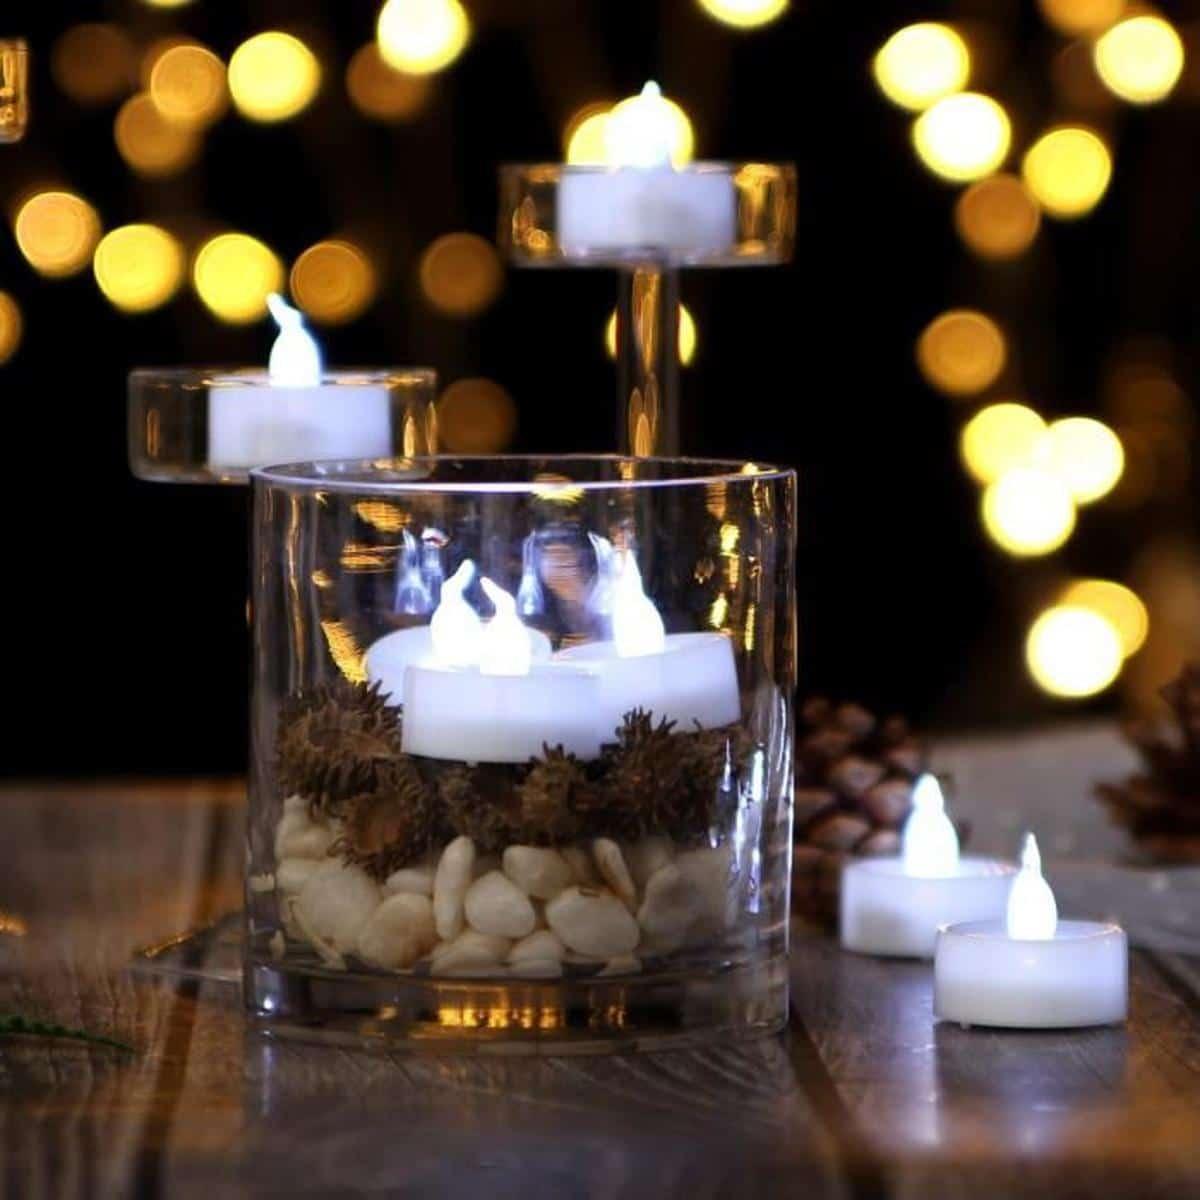 Décorer l'intérieur de votre maison grâce qu bougies LED